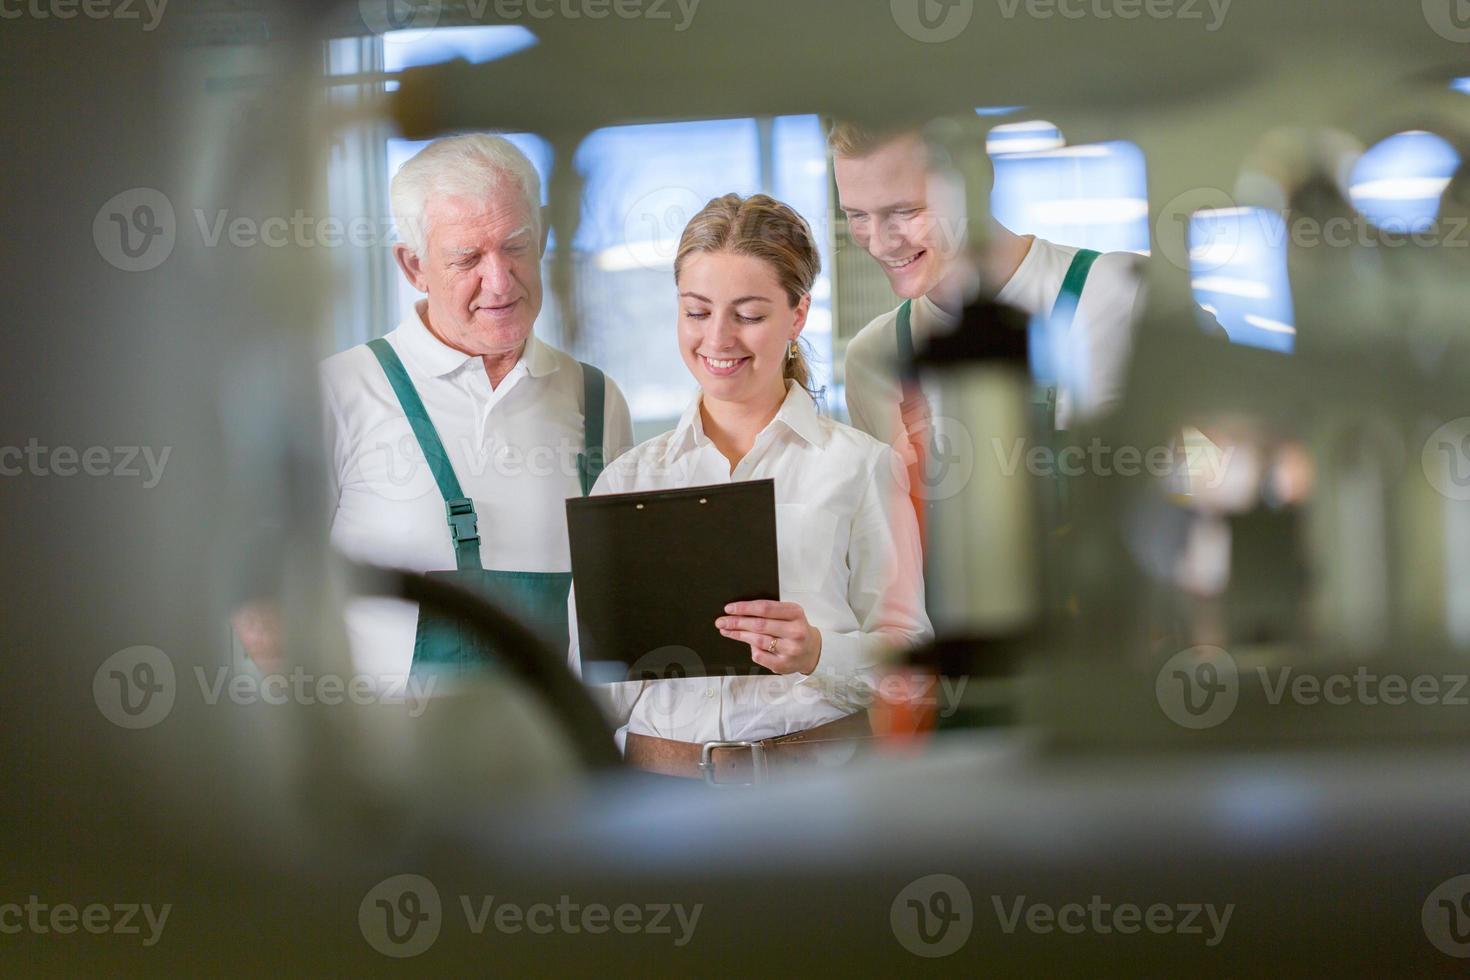 weergave van drie arbeiders foto